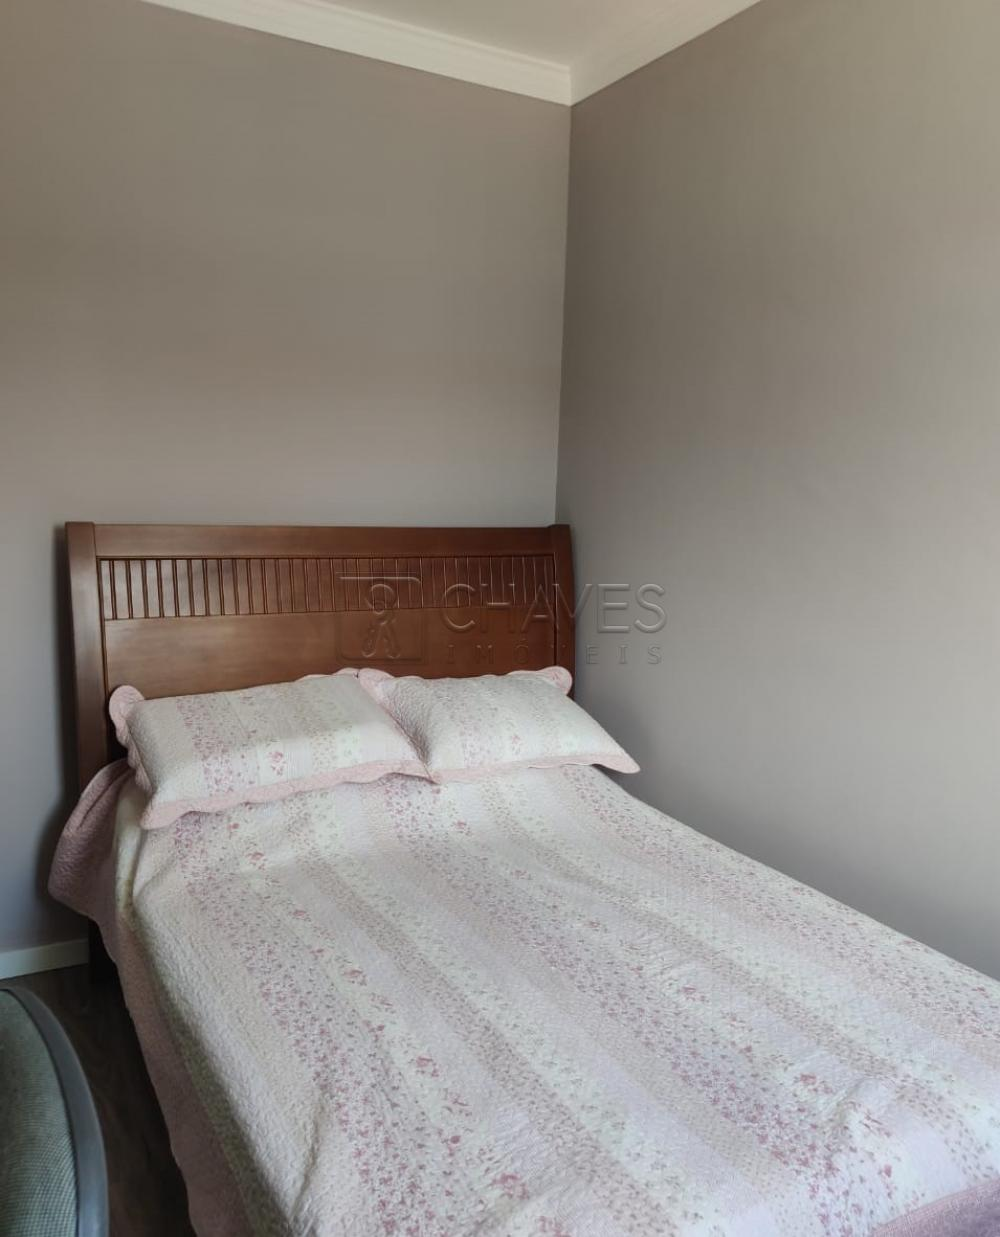 Comprar Casa / Condomínio em Ribeirão Preto apenas R$ 550.000,00 - Foto 11